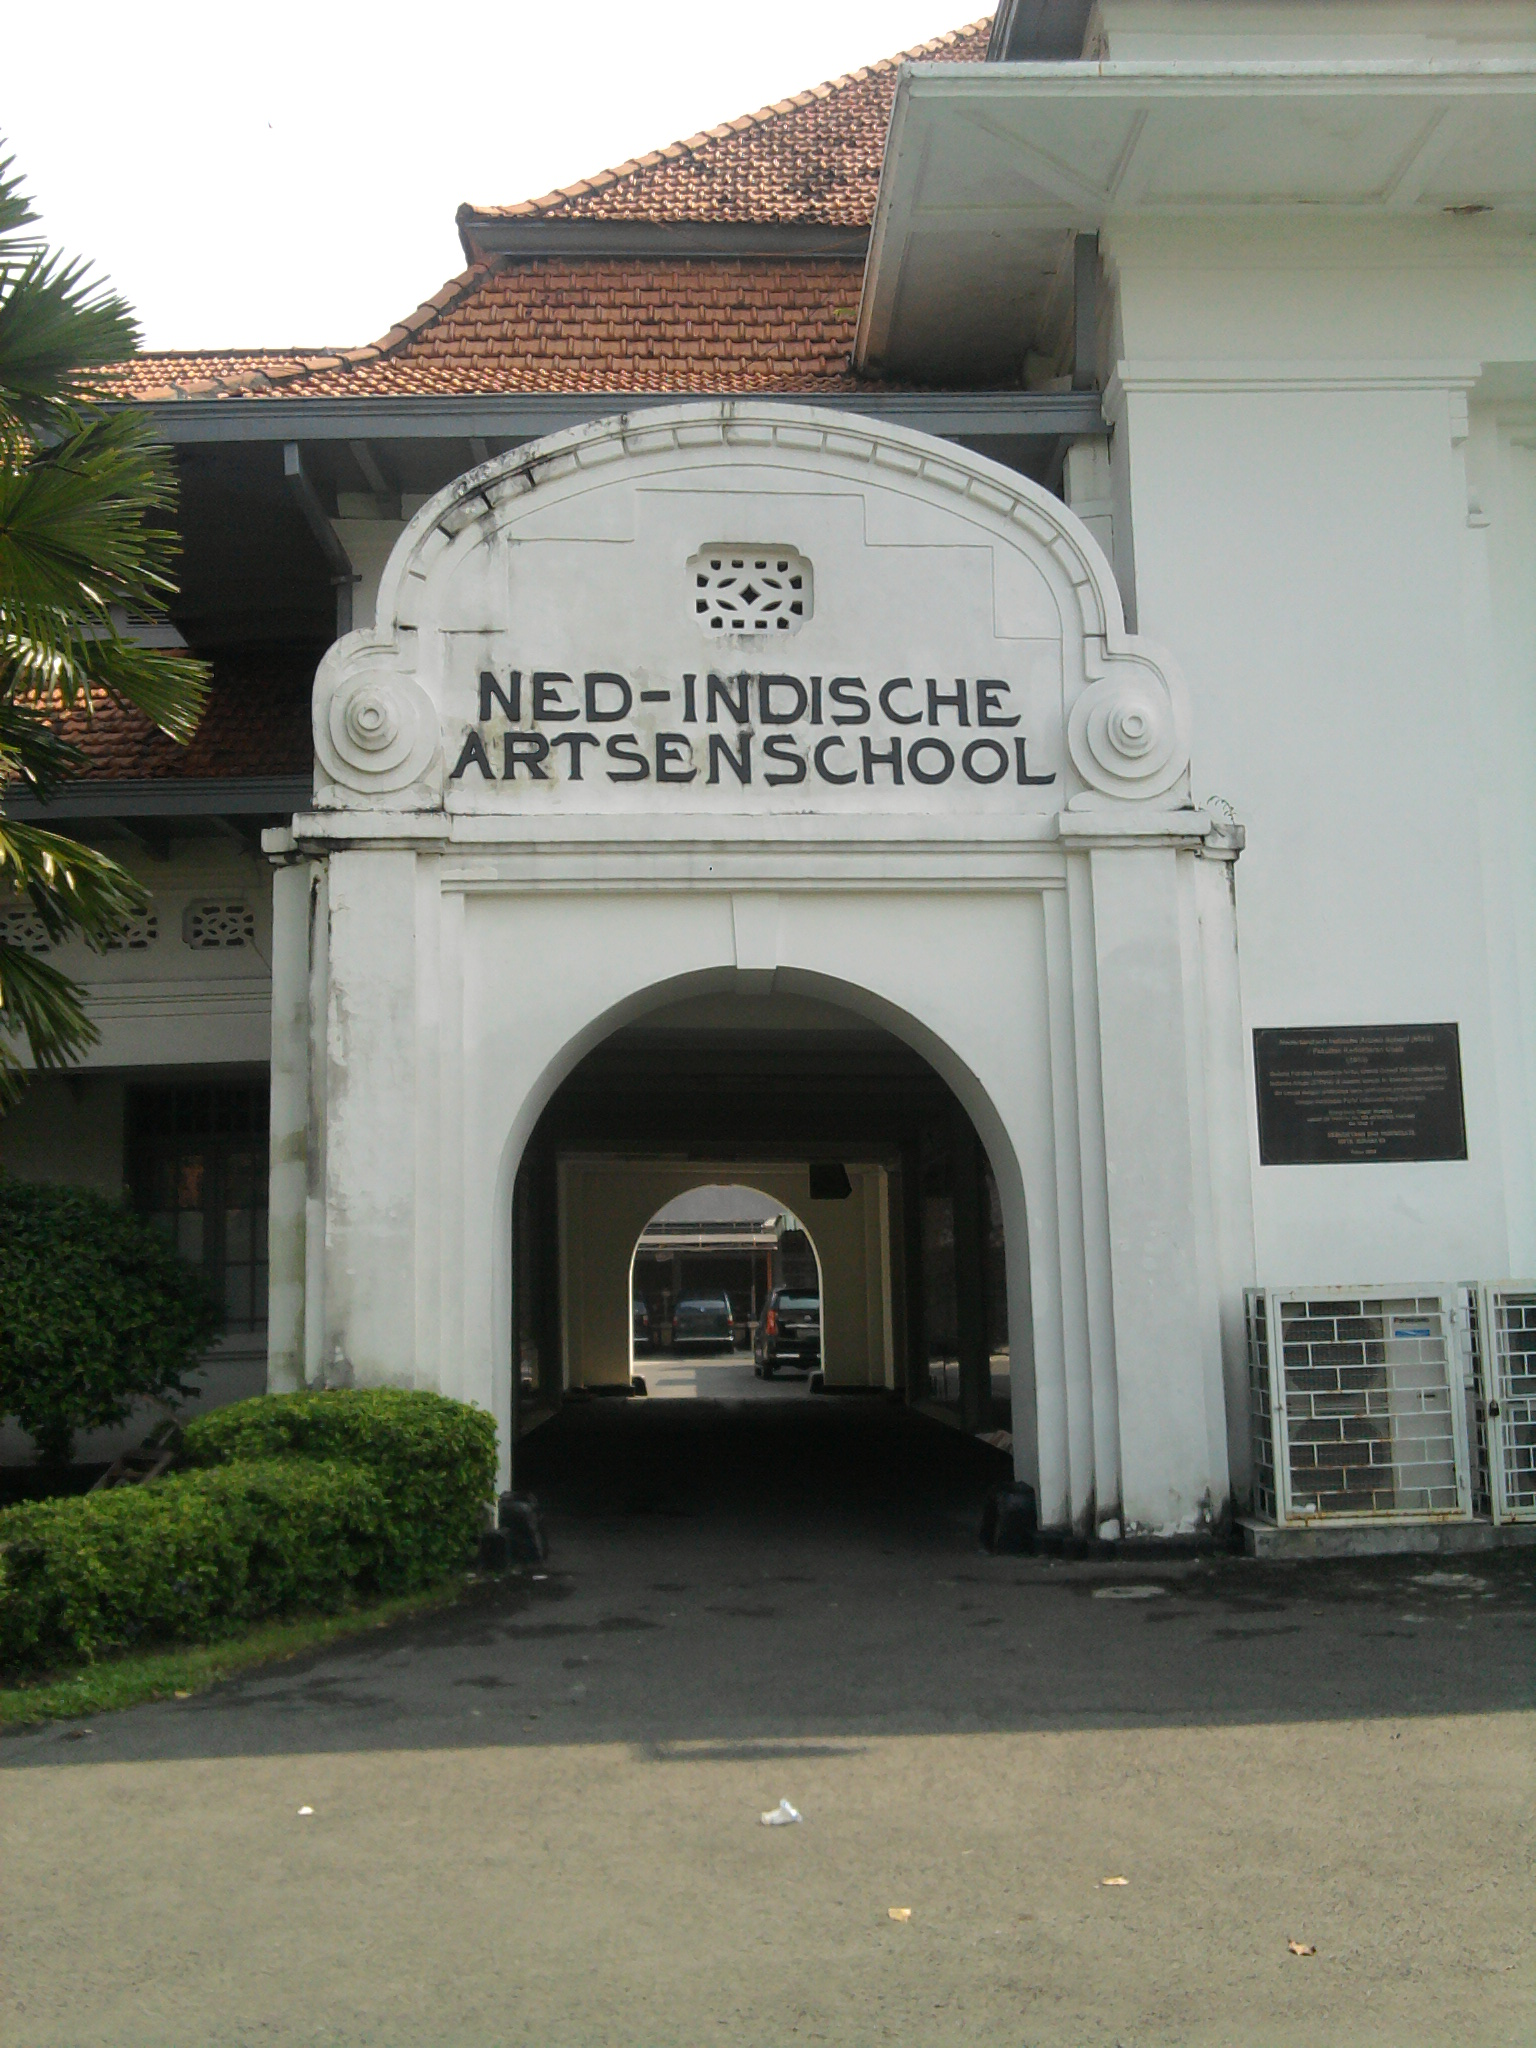 Sisa peninggalan jaman kolonialisme berupa gedung fakultas kedokteran